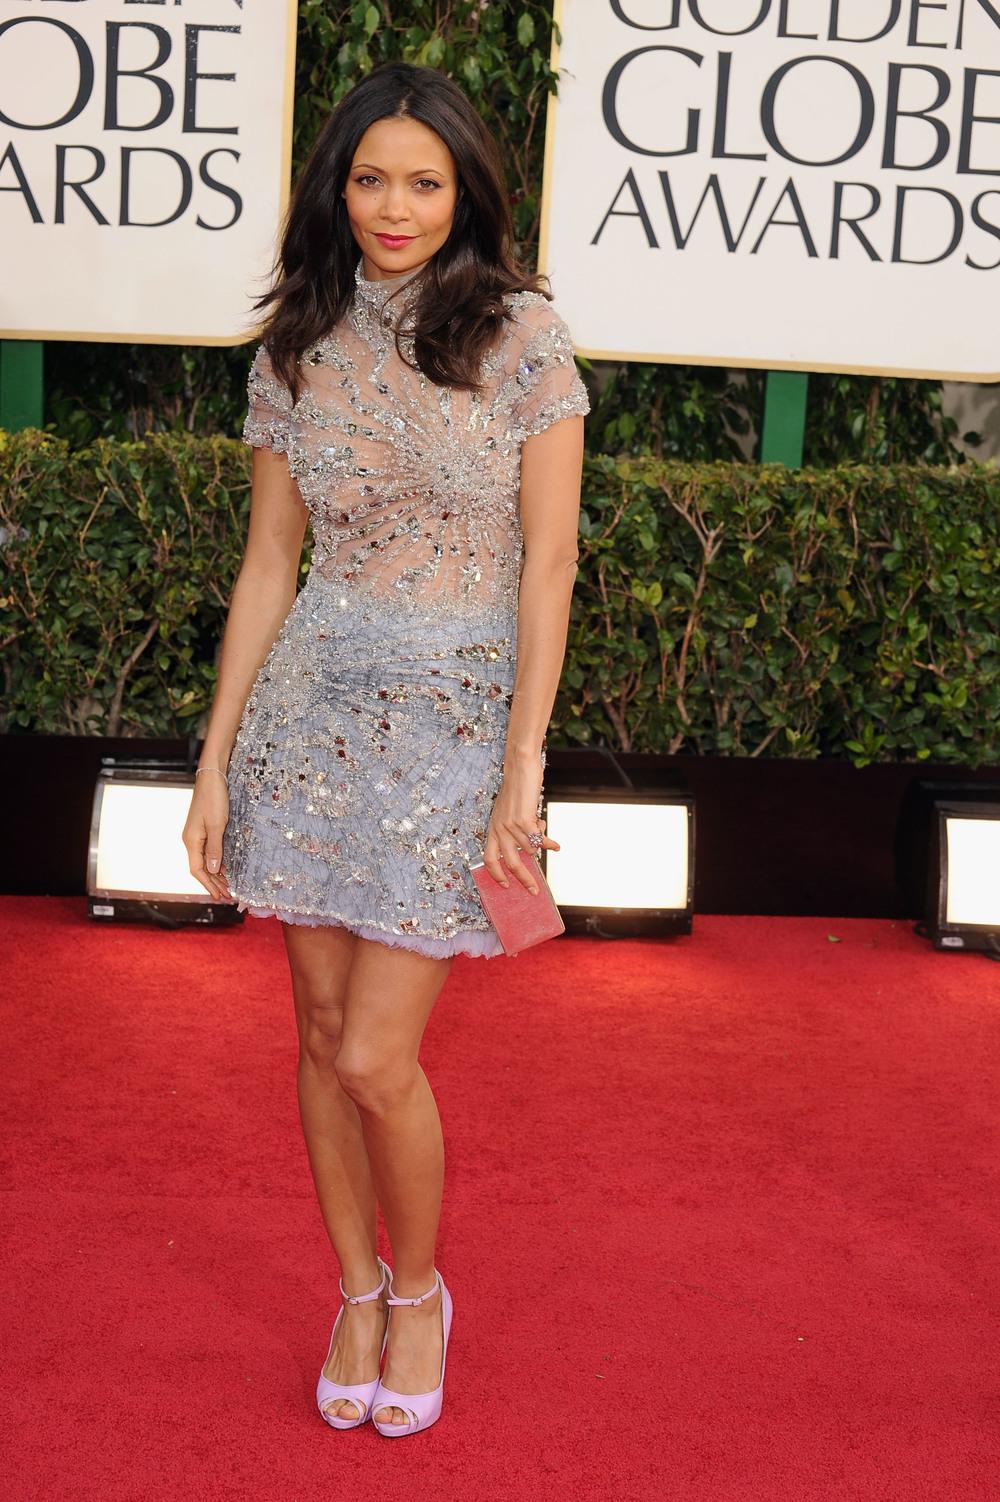 Thandie-Newton 2013 Golden Globes Awards Red Carpet